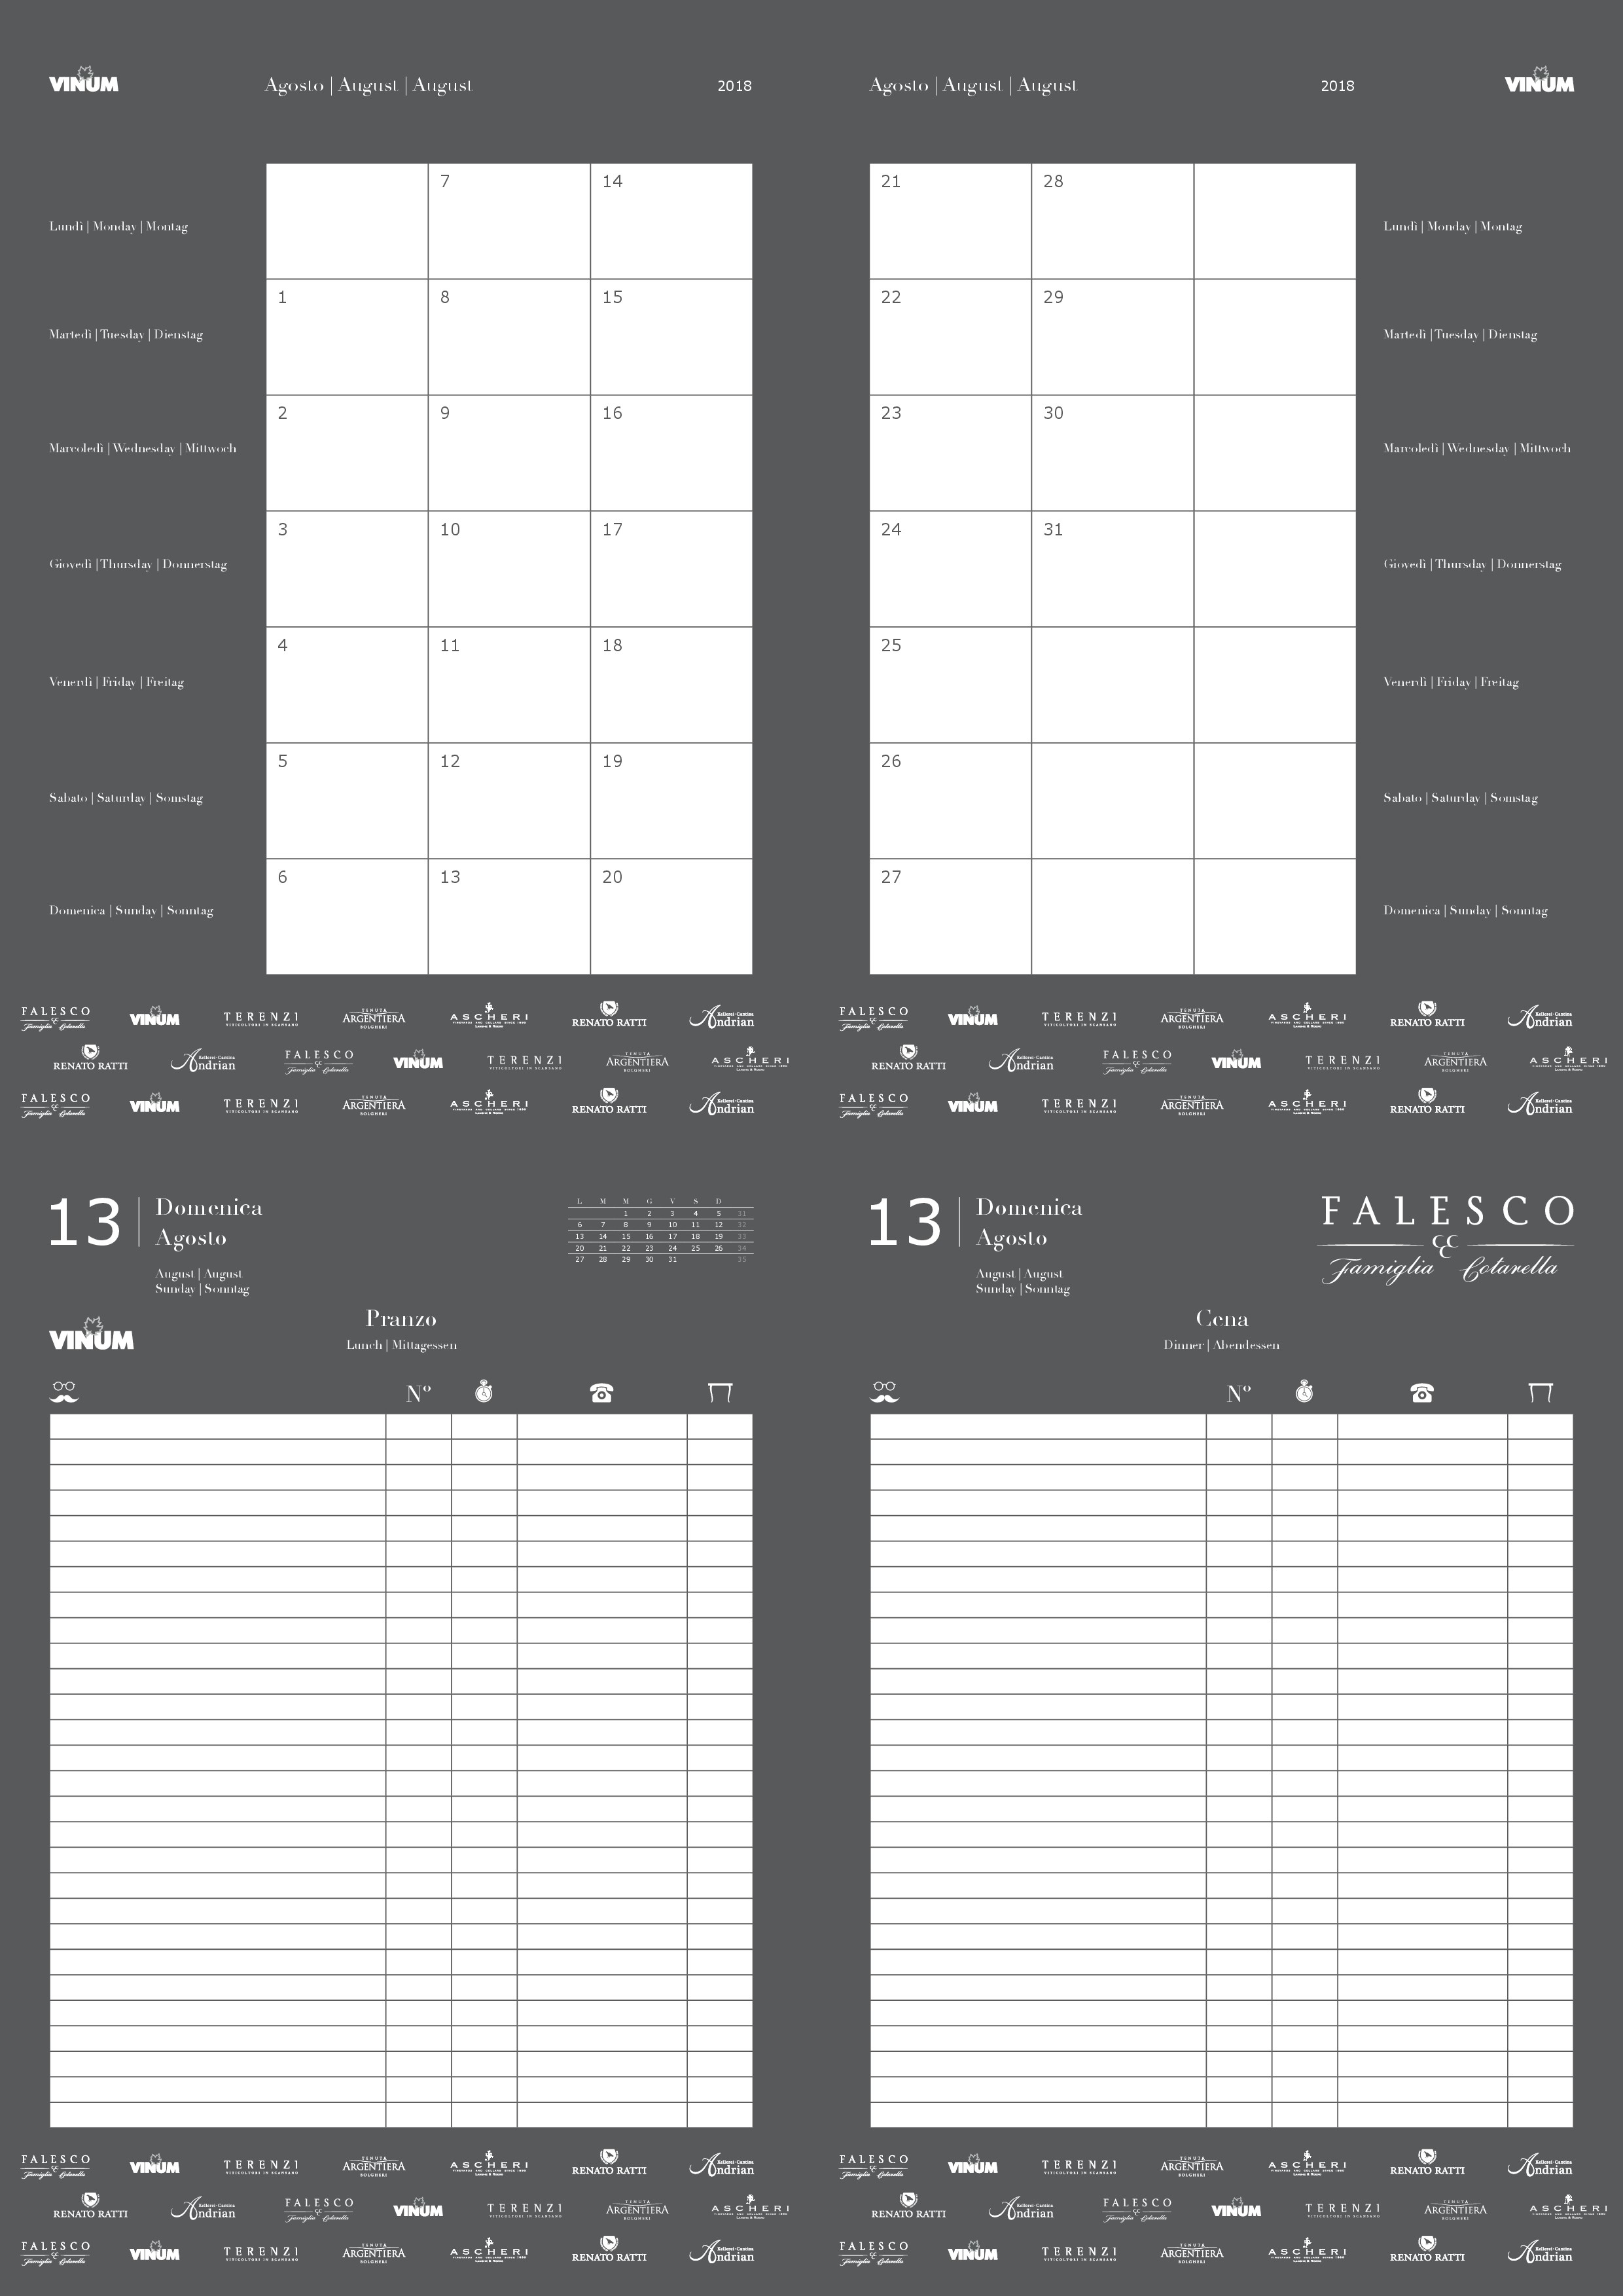 EINFACH/SCHNELL Brauchen für ein Gastro-Reservierungsbuch die Innenseiten als INDD - Jahreskalender